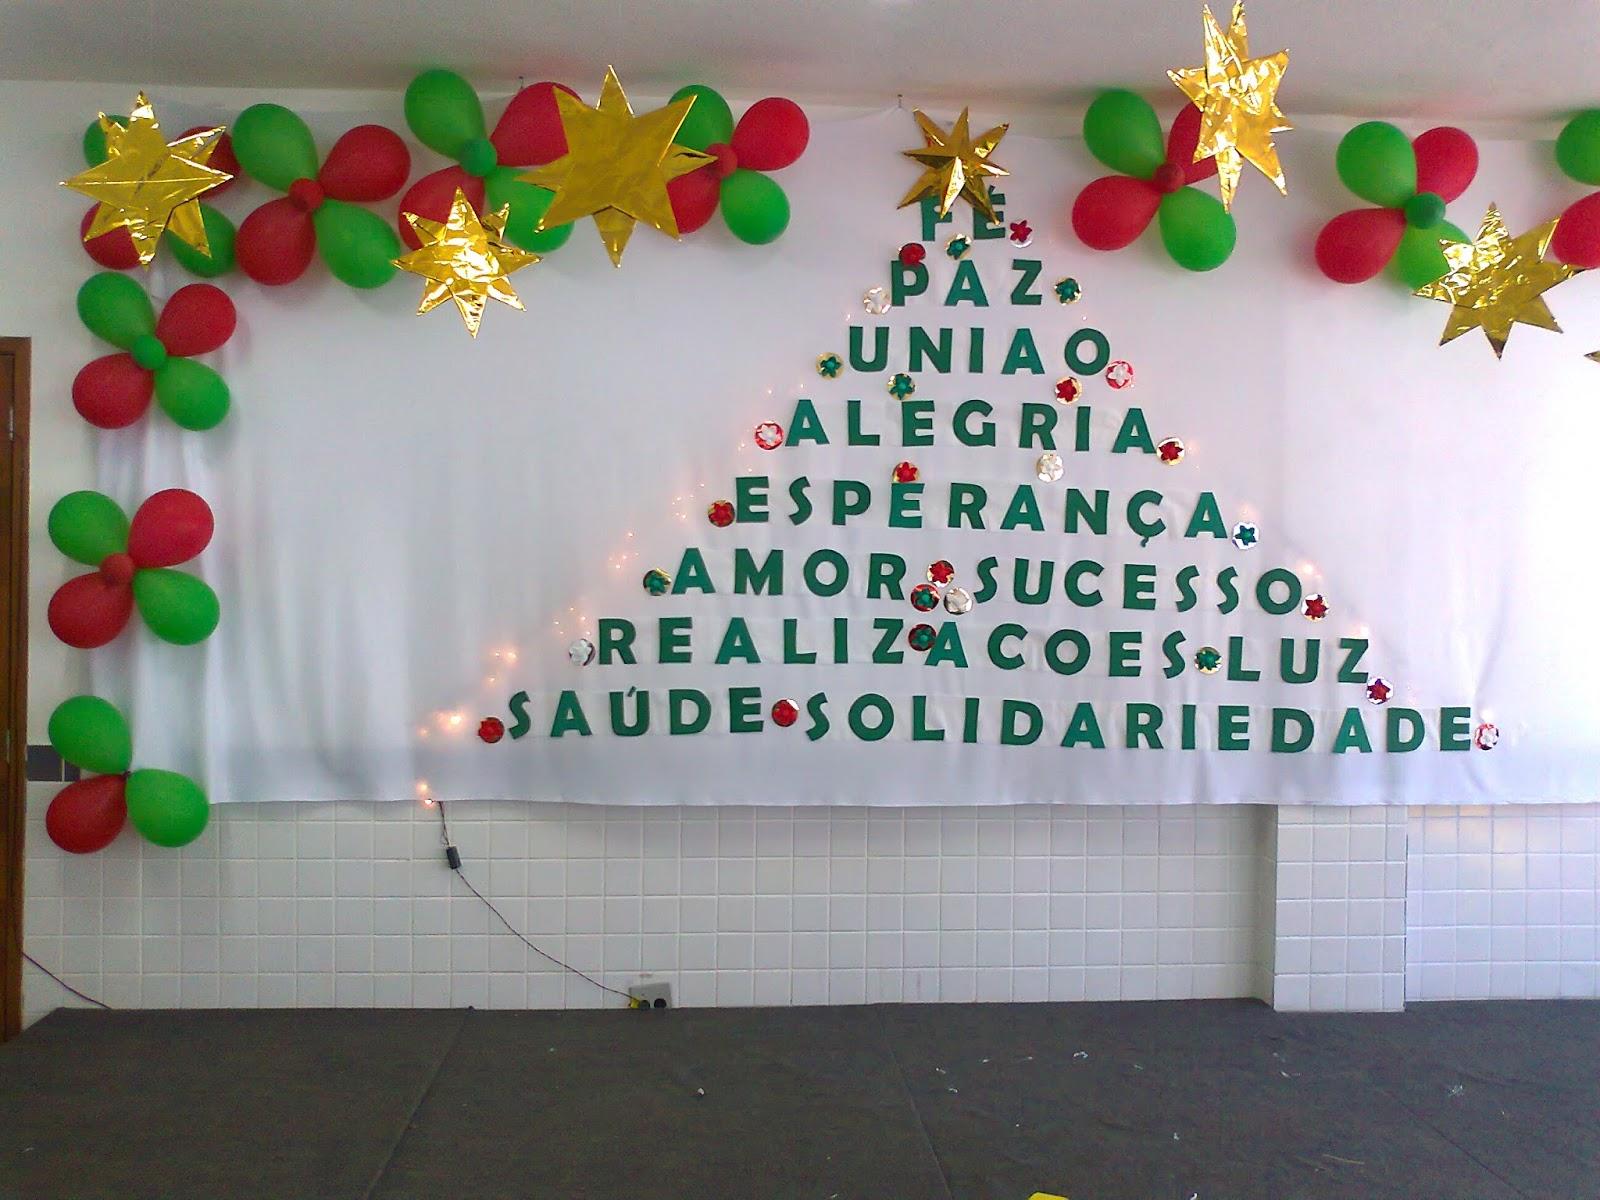 Arte educa o e sucata decora o de natal para mural escolar for Mural de natal 4 ano